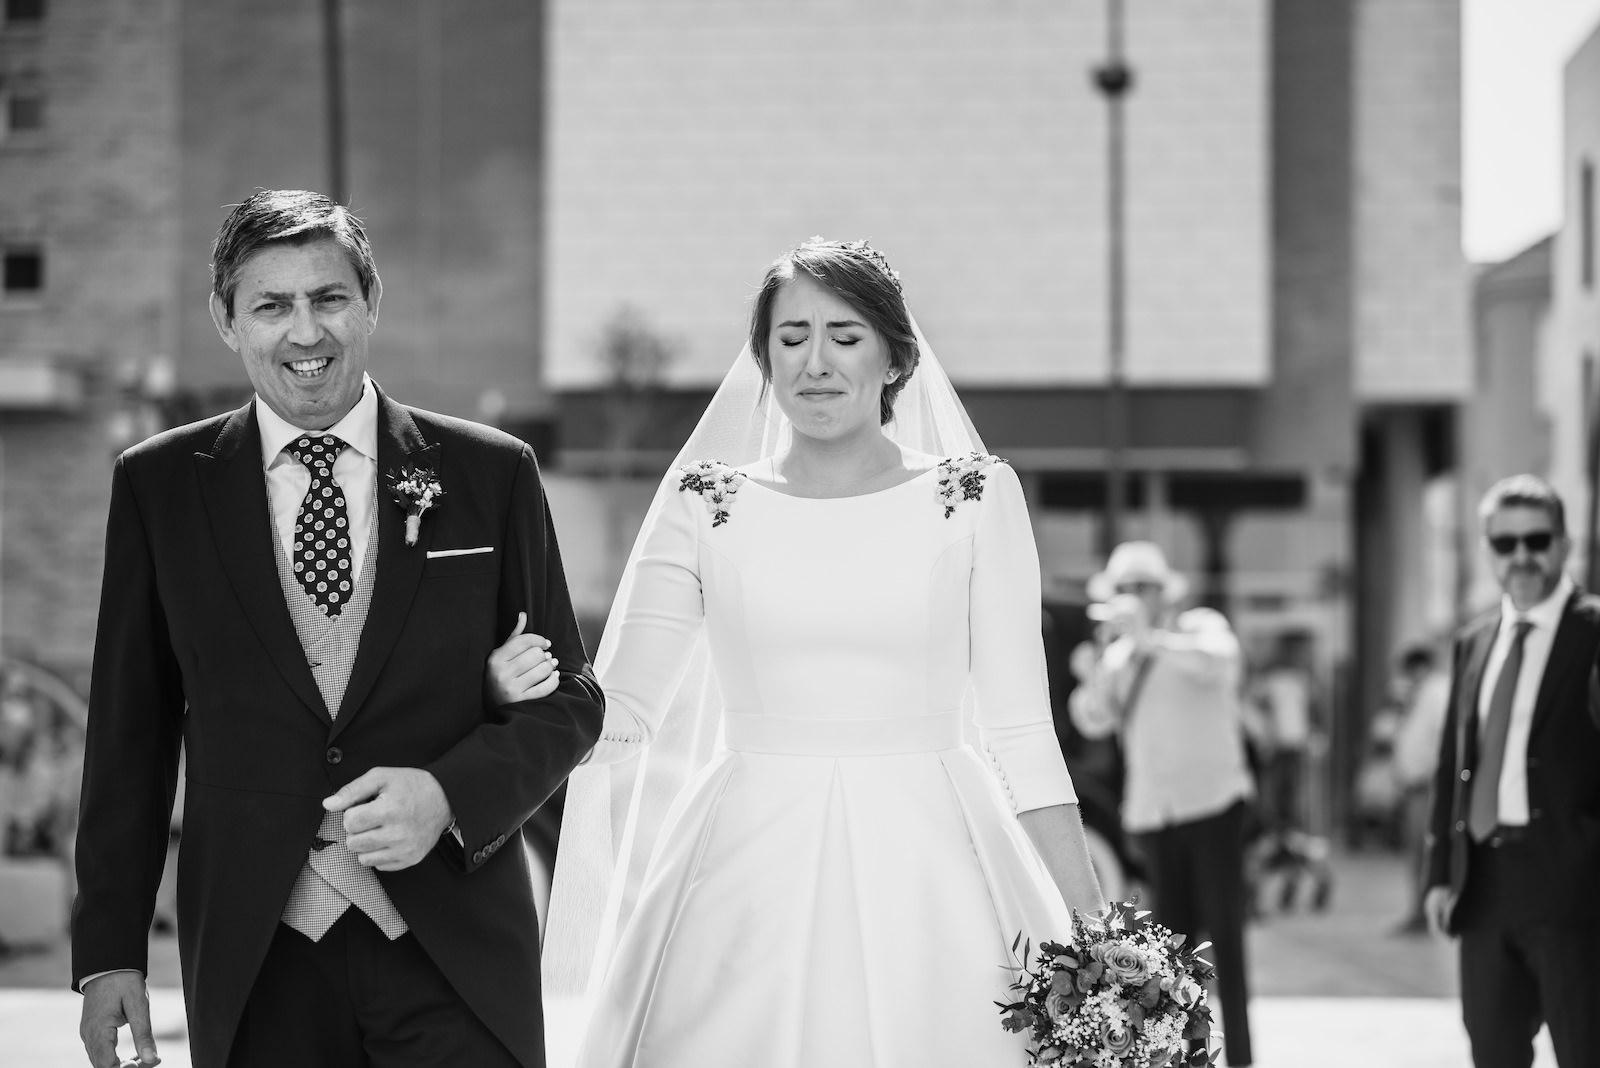 fotografia de boda en blanco y negro novios caminando en la calle